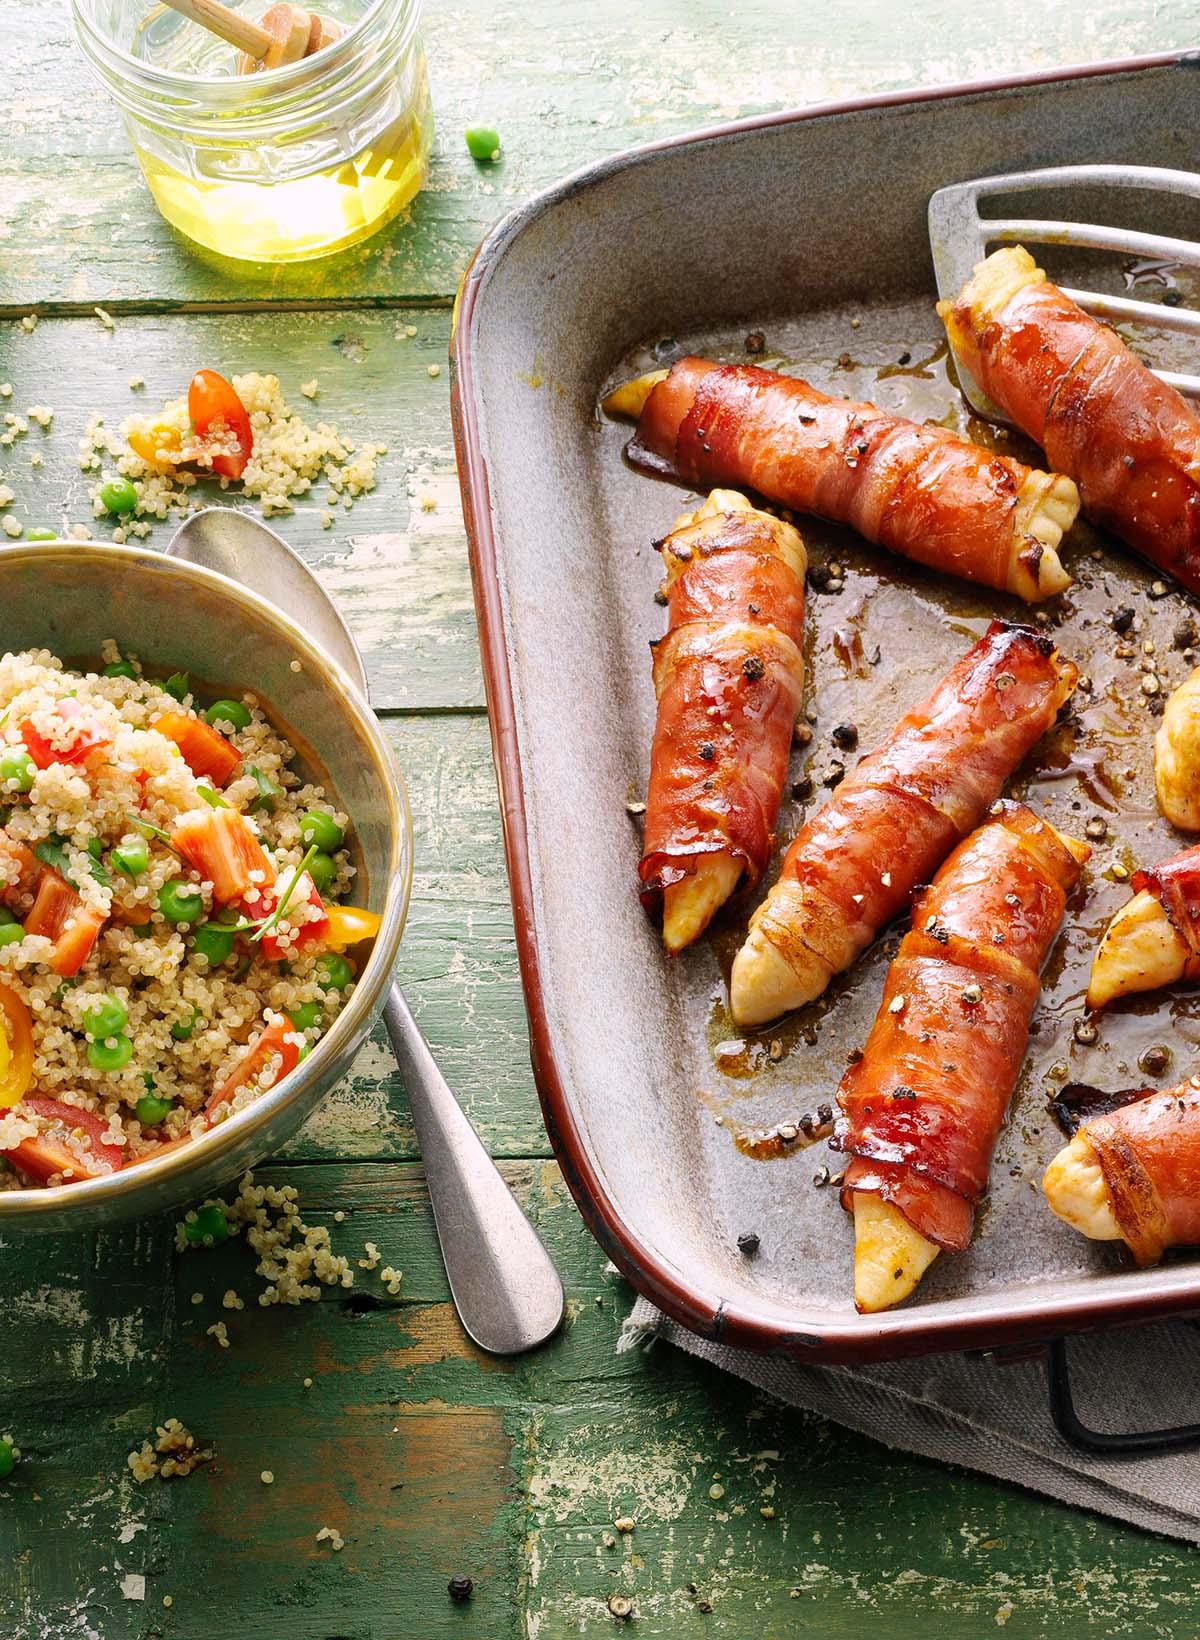 Food culinaire fotografie van diots icm een kom couscous hummus gemaakt door Studio_m Fotografie Amsterdam